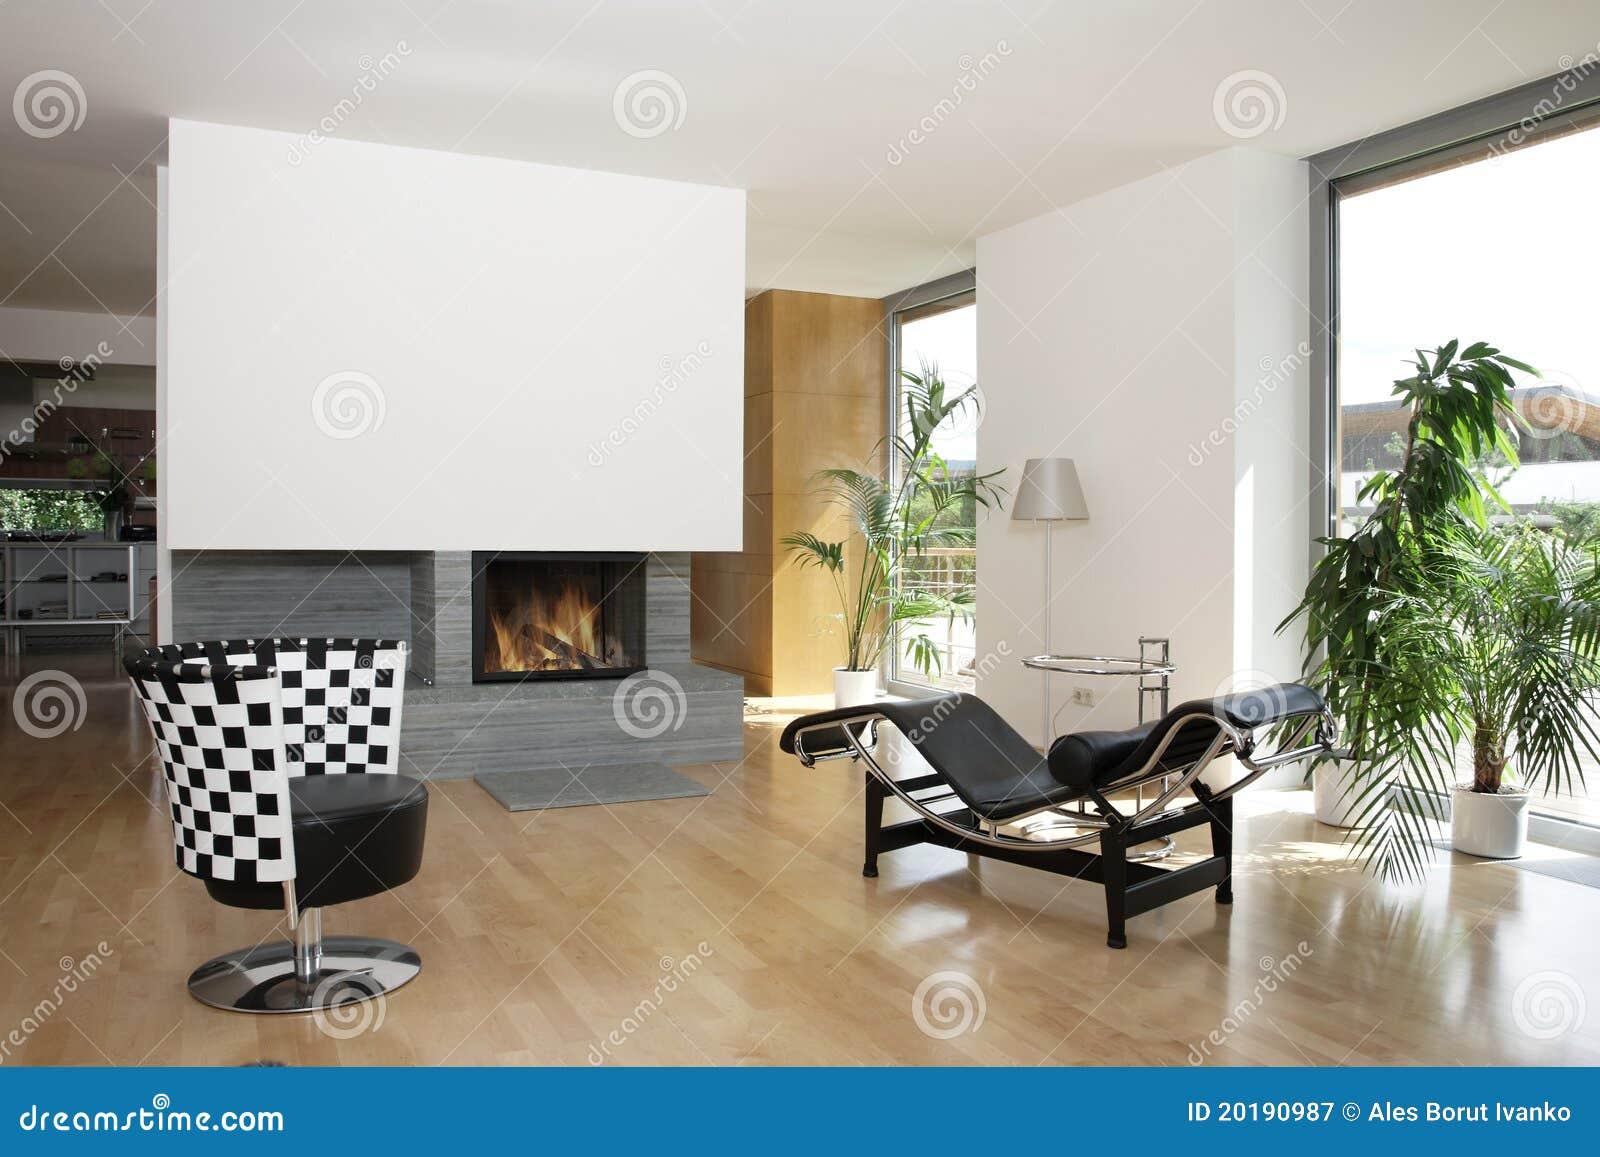 Modern huis met open haard stock afbeelding afbeelding bestaande uit vlam 20190987 for Huis open haard mantel